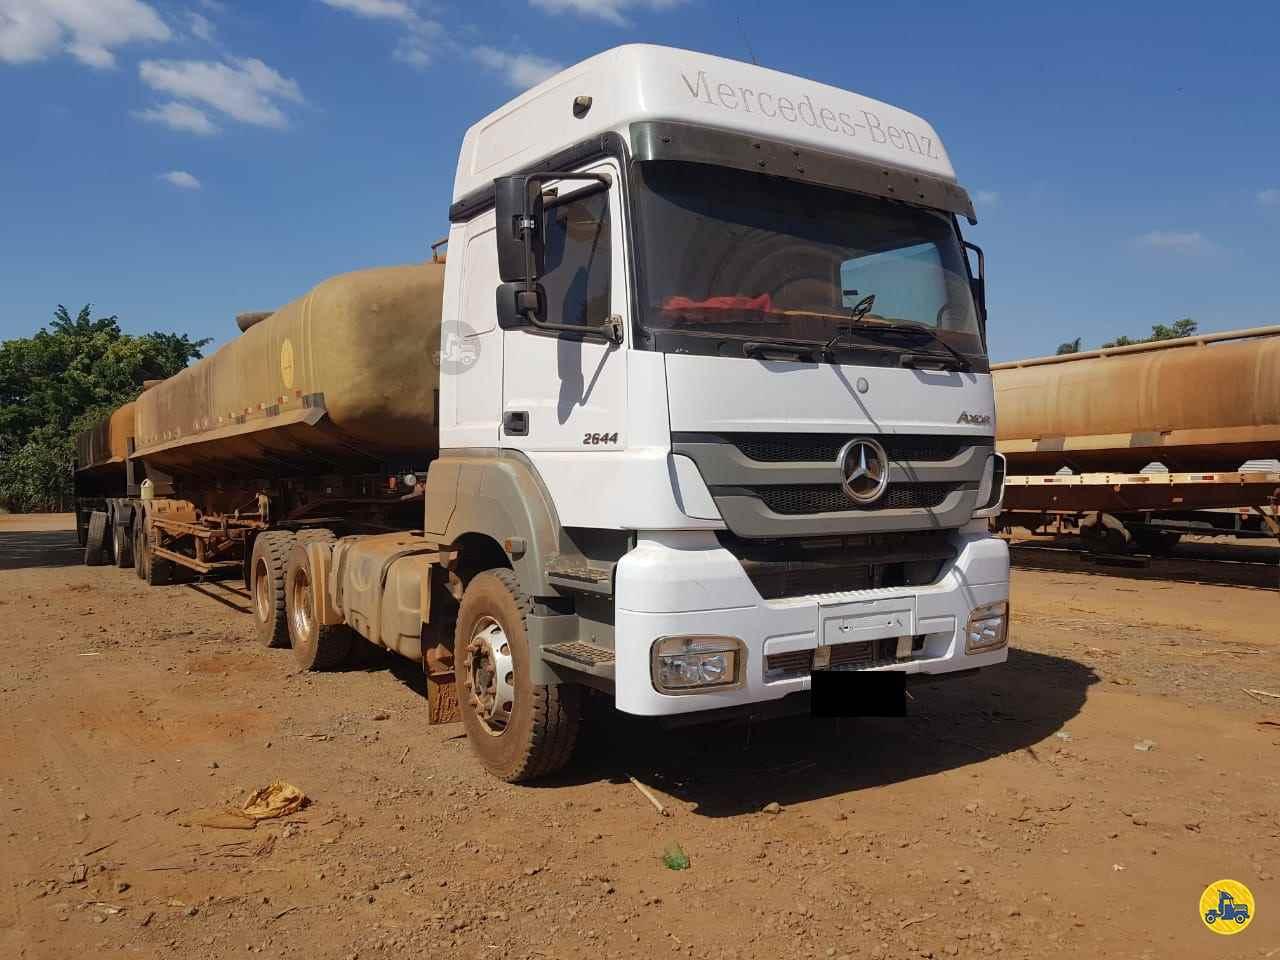 CAMINHAO MERCEDES-BENZ MB 2644 Cavalo Mecânico Truck 6x2 Wilson Caminhões RIBEIRAO PIRES SÃO PAULO SP